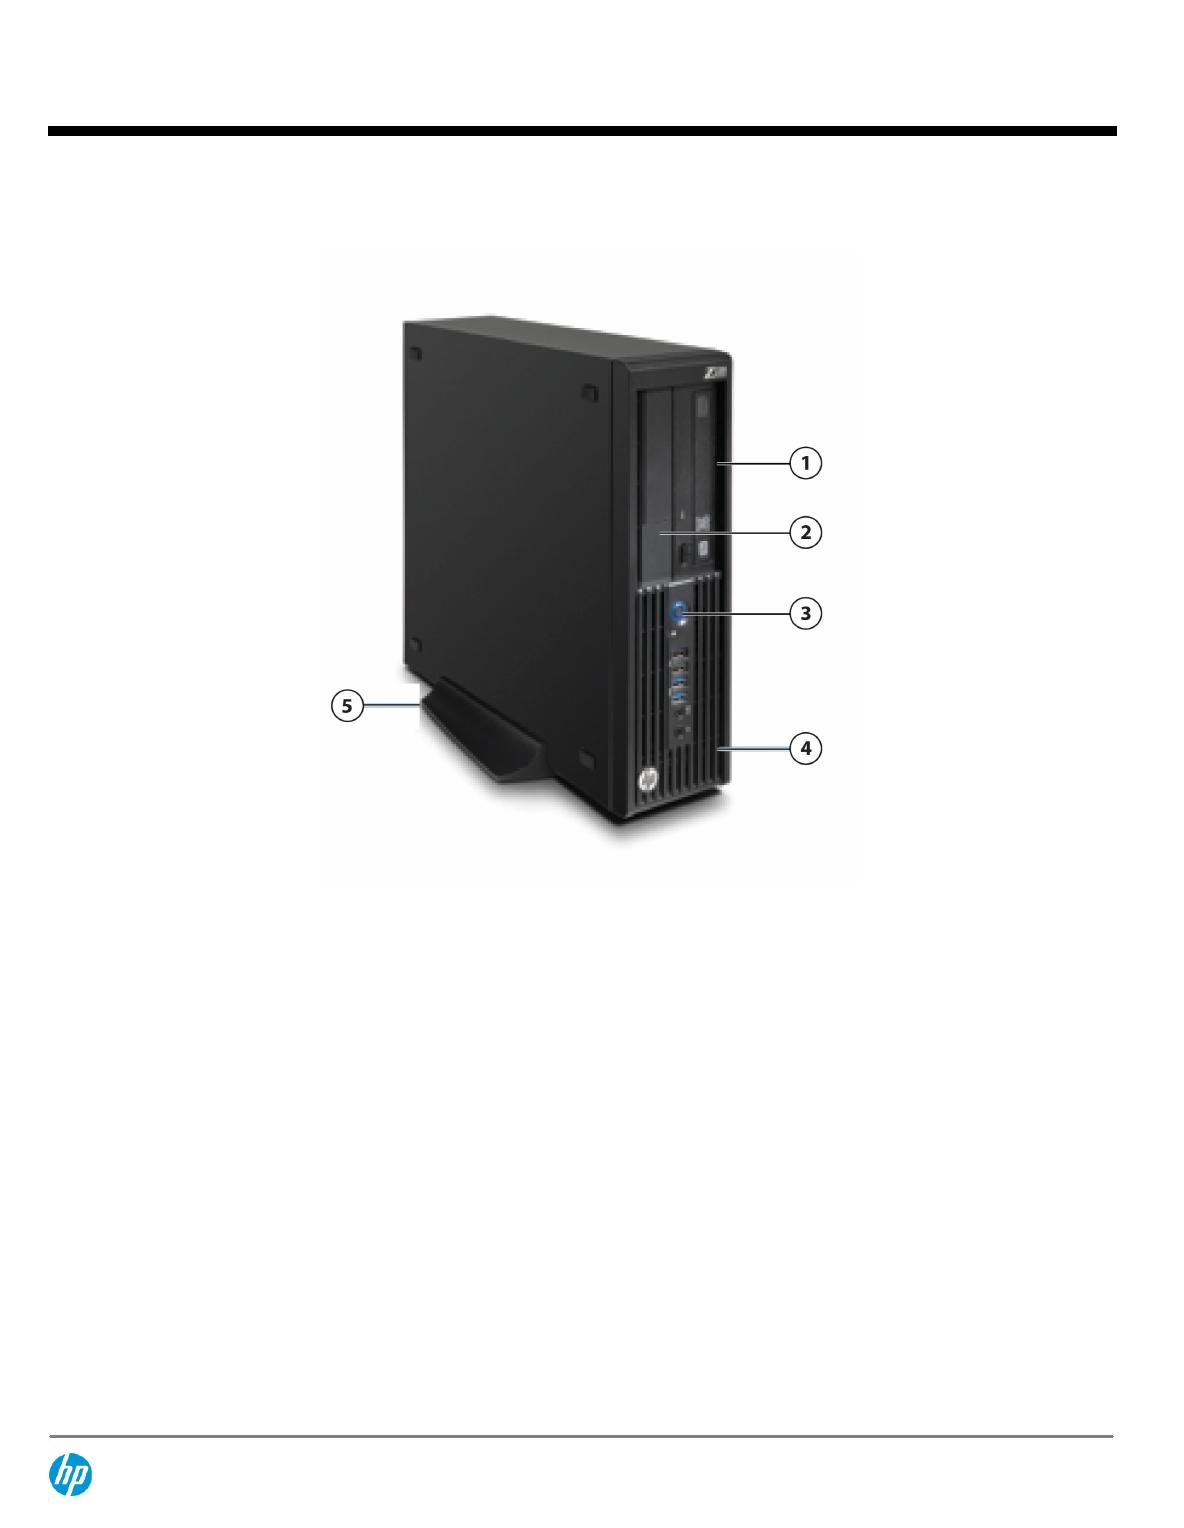 QuickSpecs HP Z230 SFF Workstation